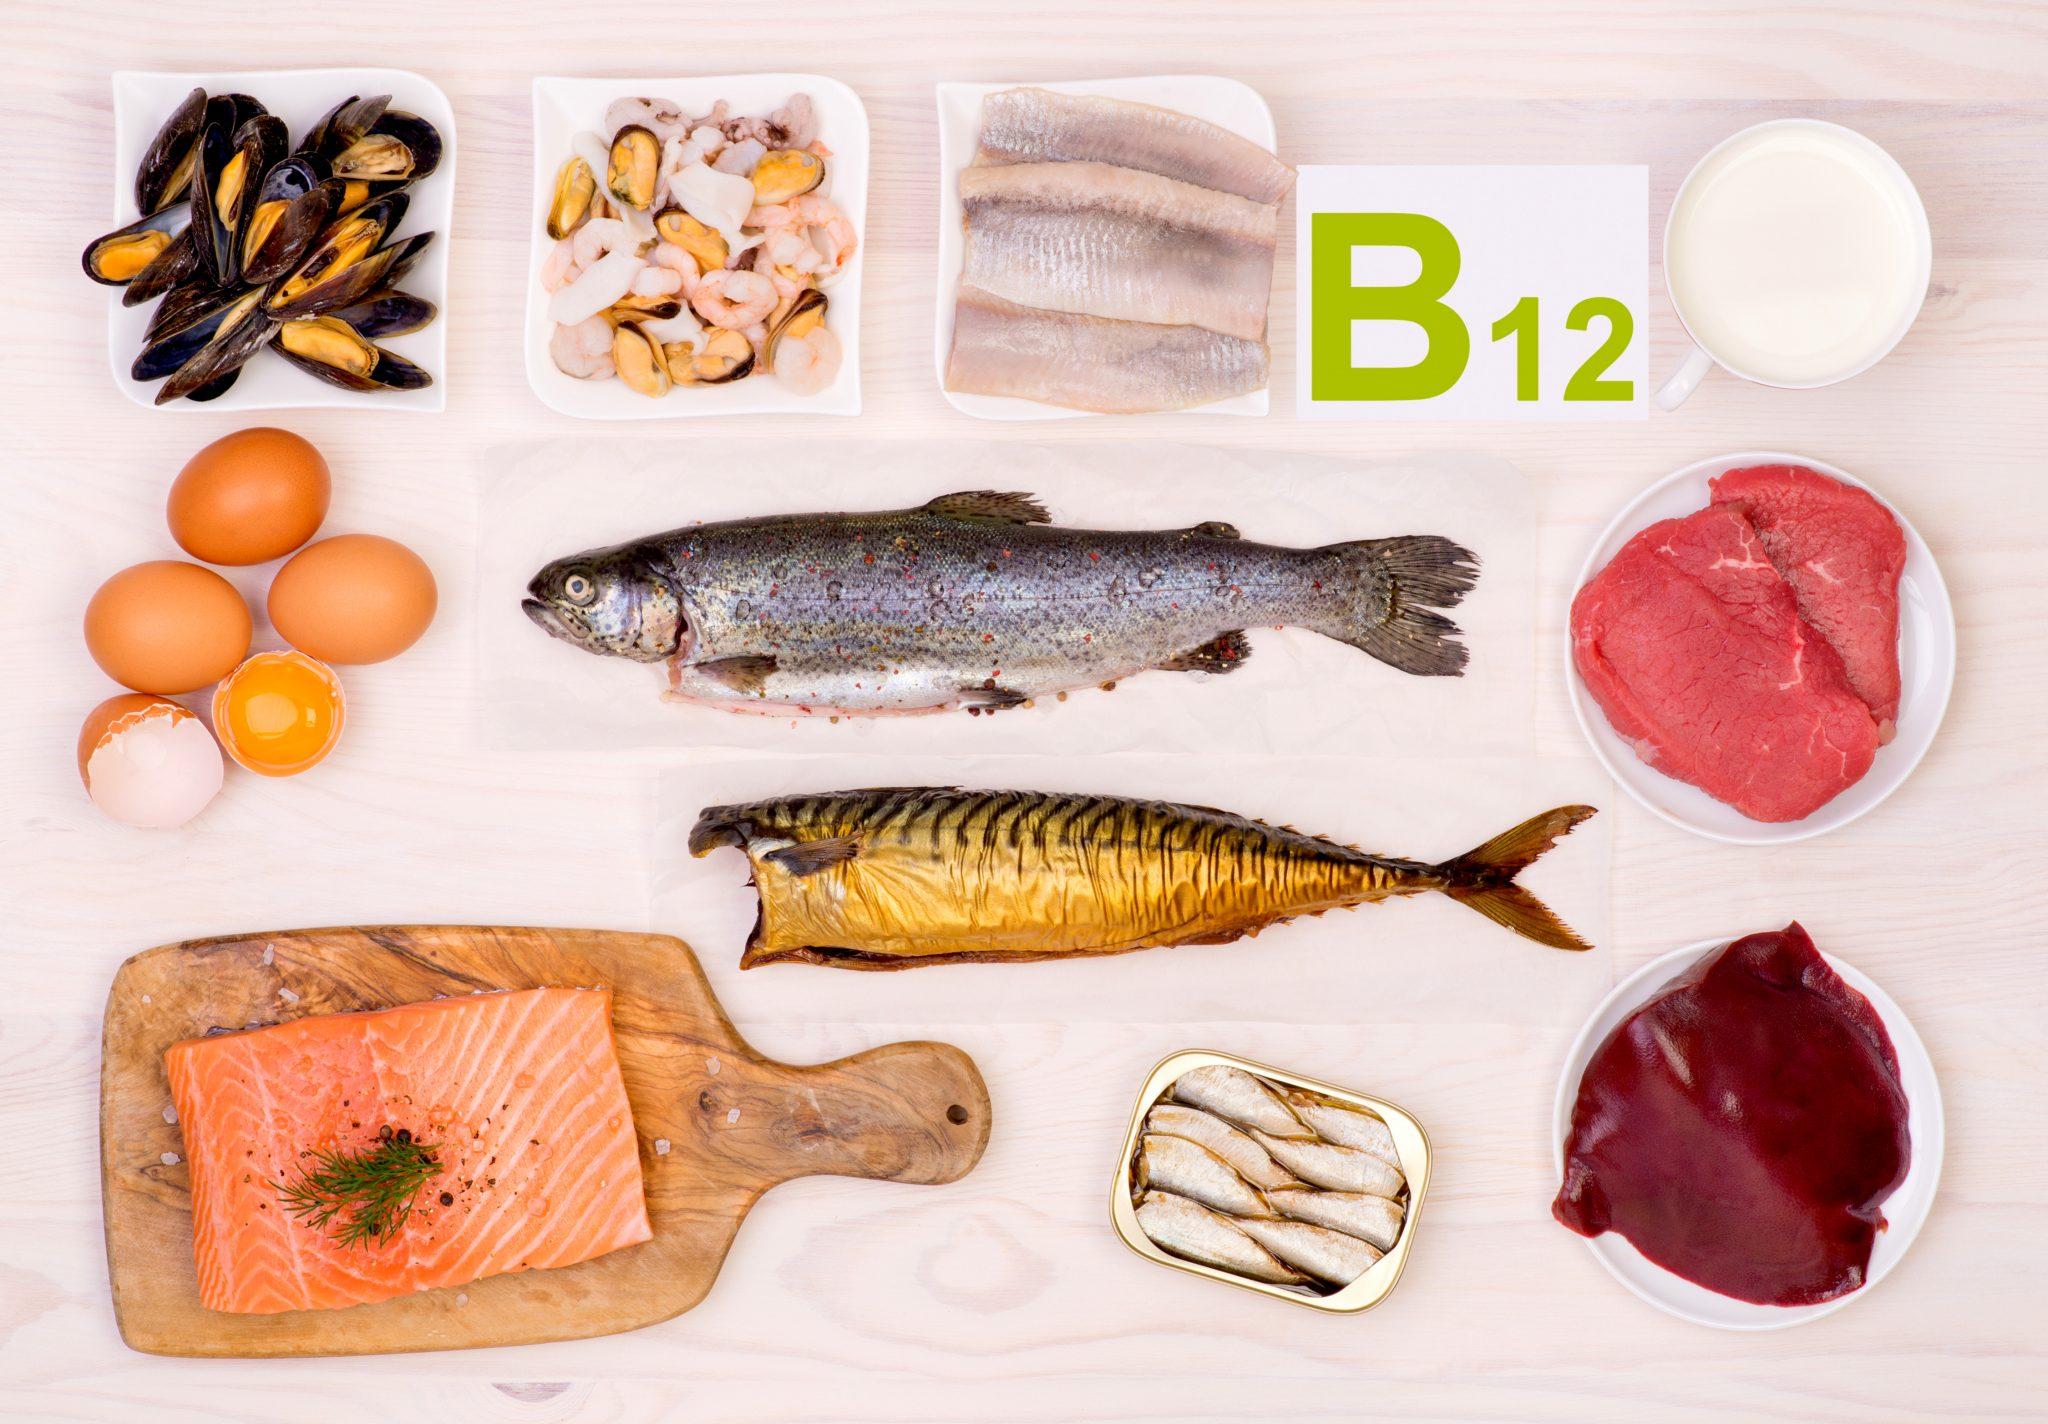 ビタミンB12を多く含む食材一覧